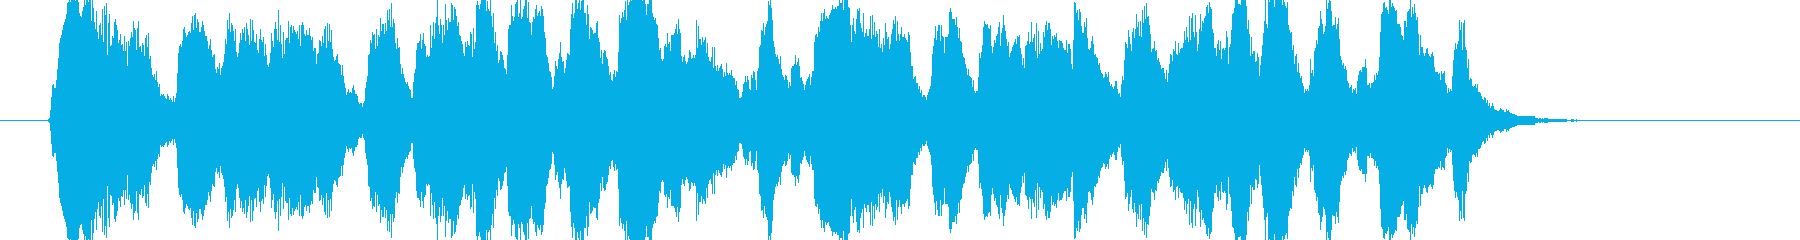 クラリネットの楽しげなジングルの再生済みの波形